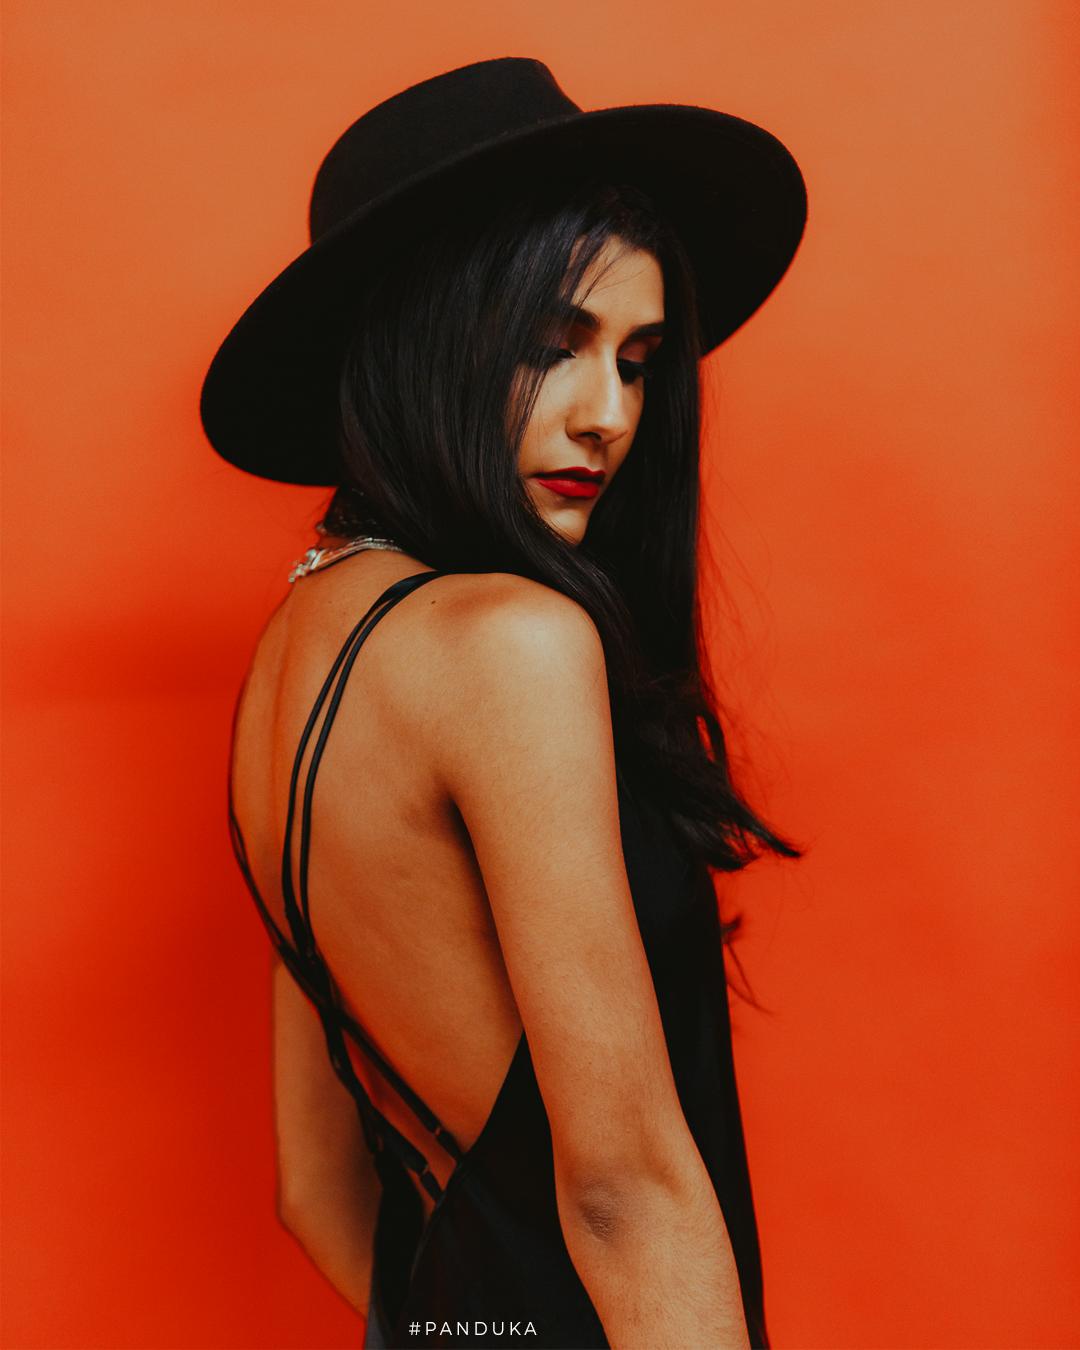 Model On Orange Background 2